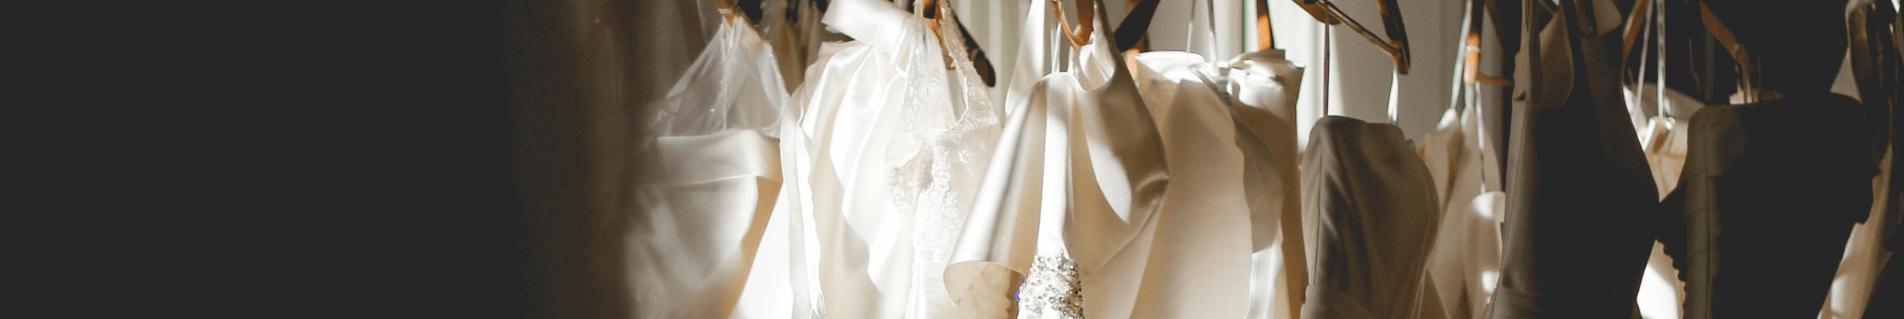 Хімчистка весільного плаття